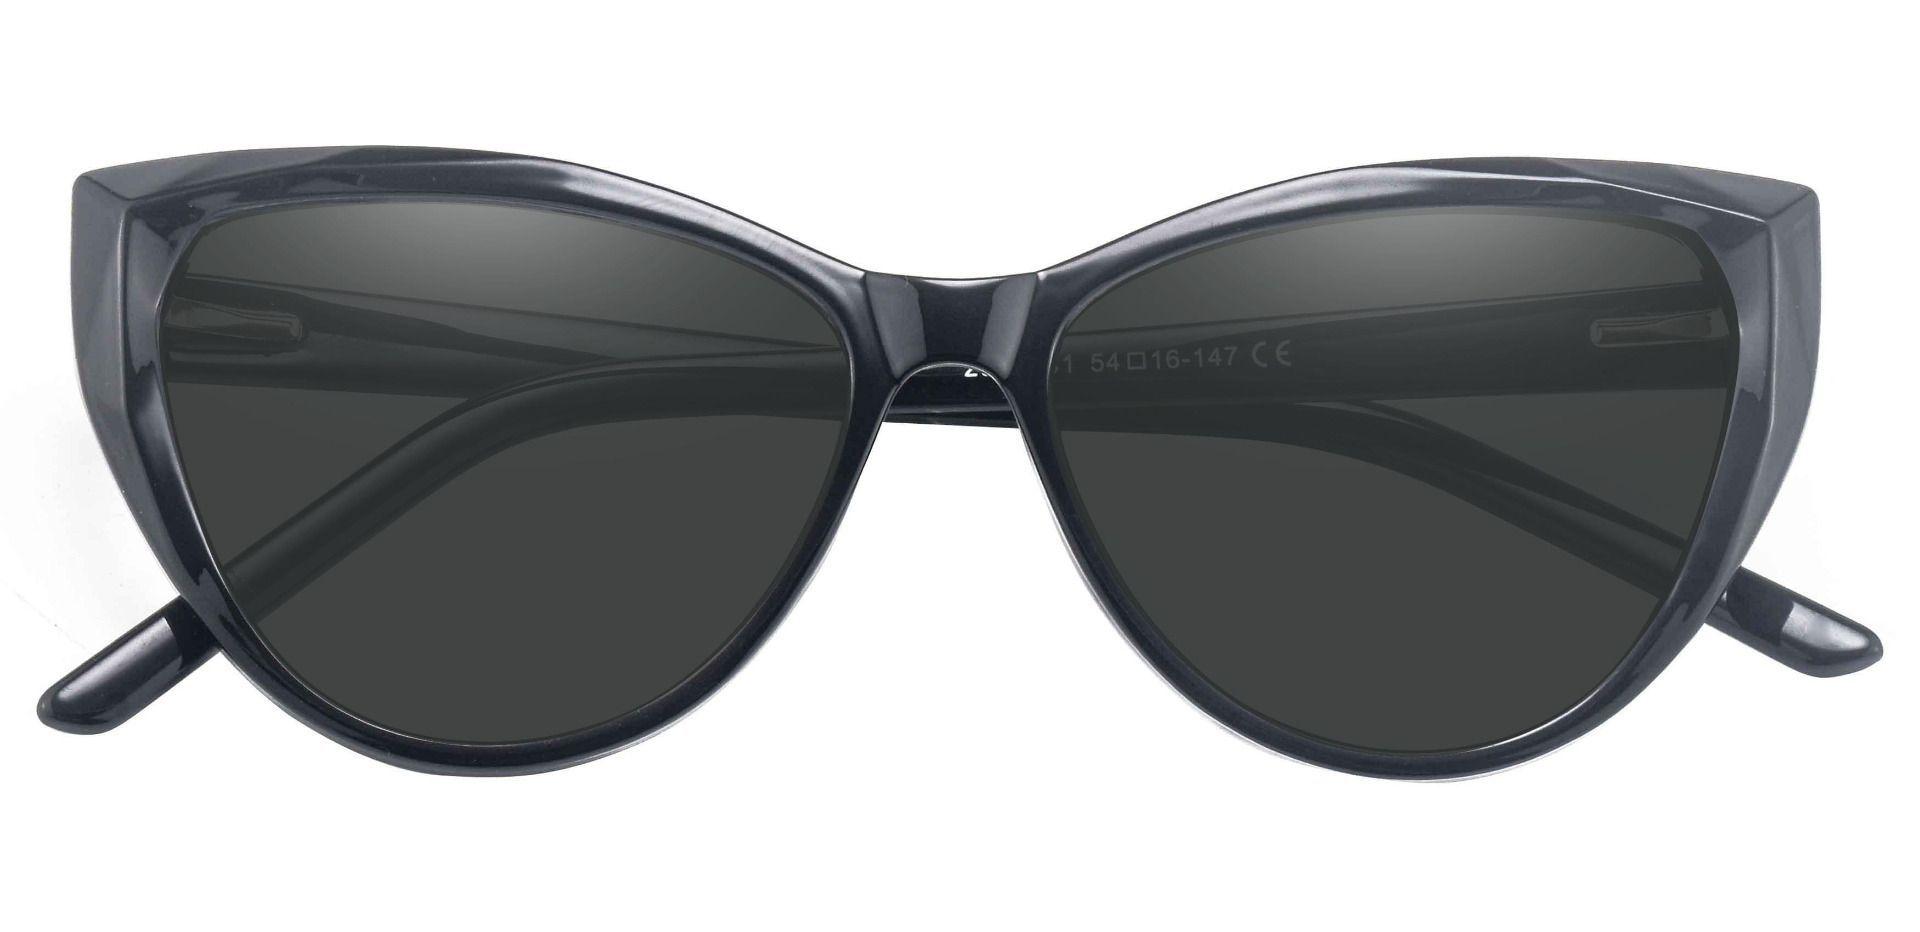 Ireland Cat Eye Progressive Sunglasses - Black Frame With Gray Lenses